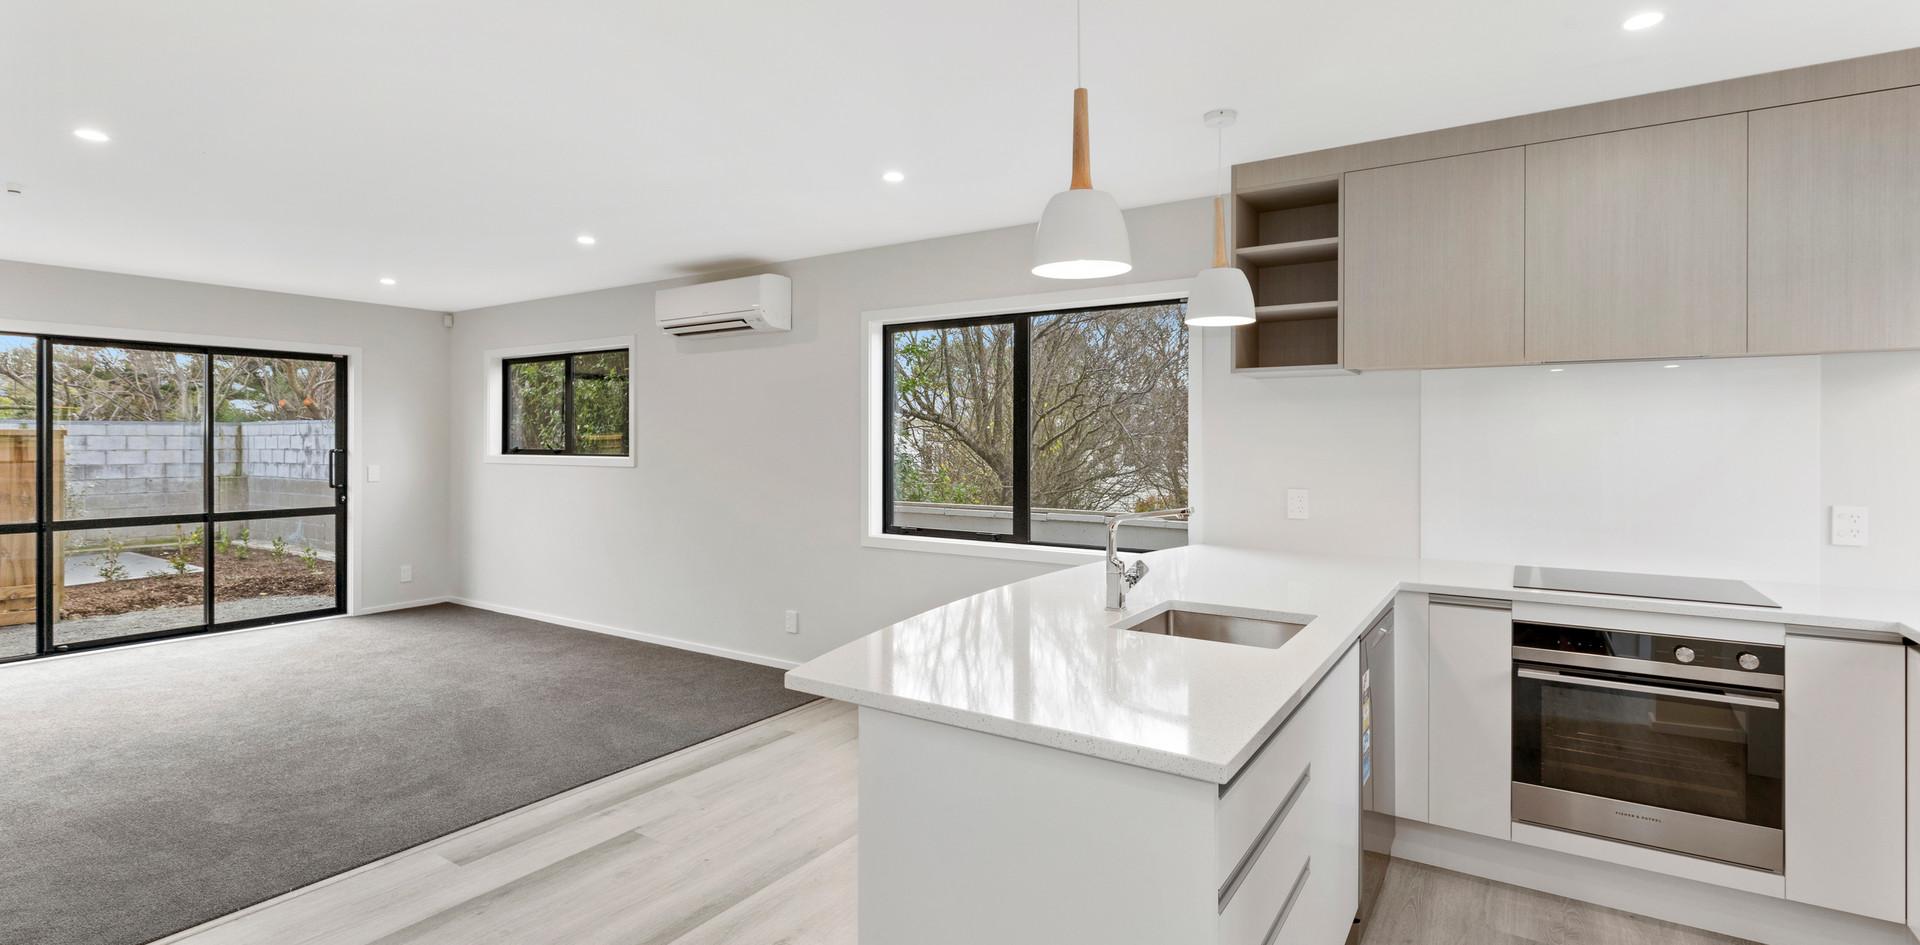 20 Okoutu Lane - kitchen living